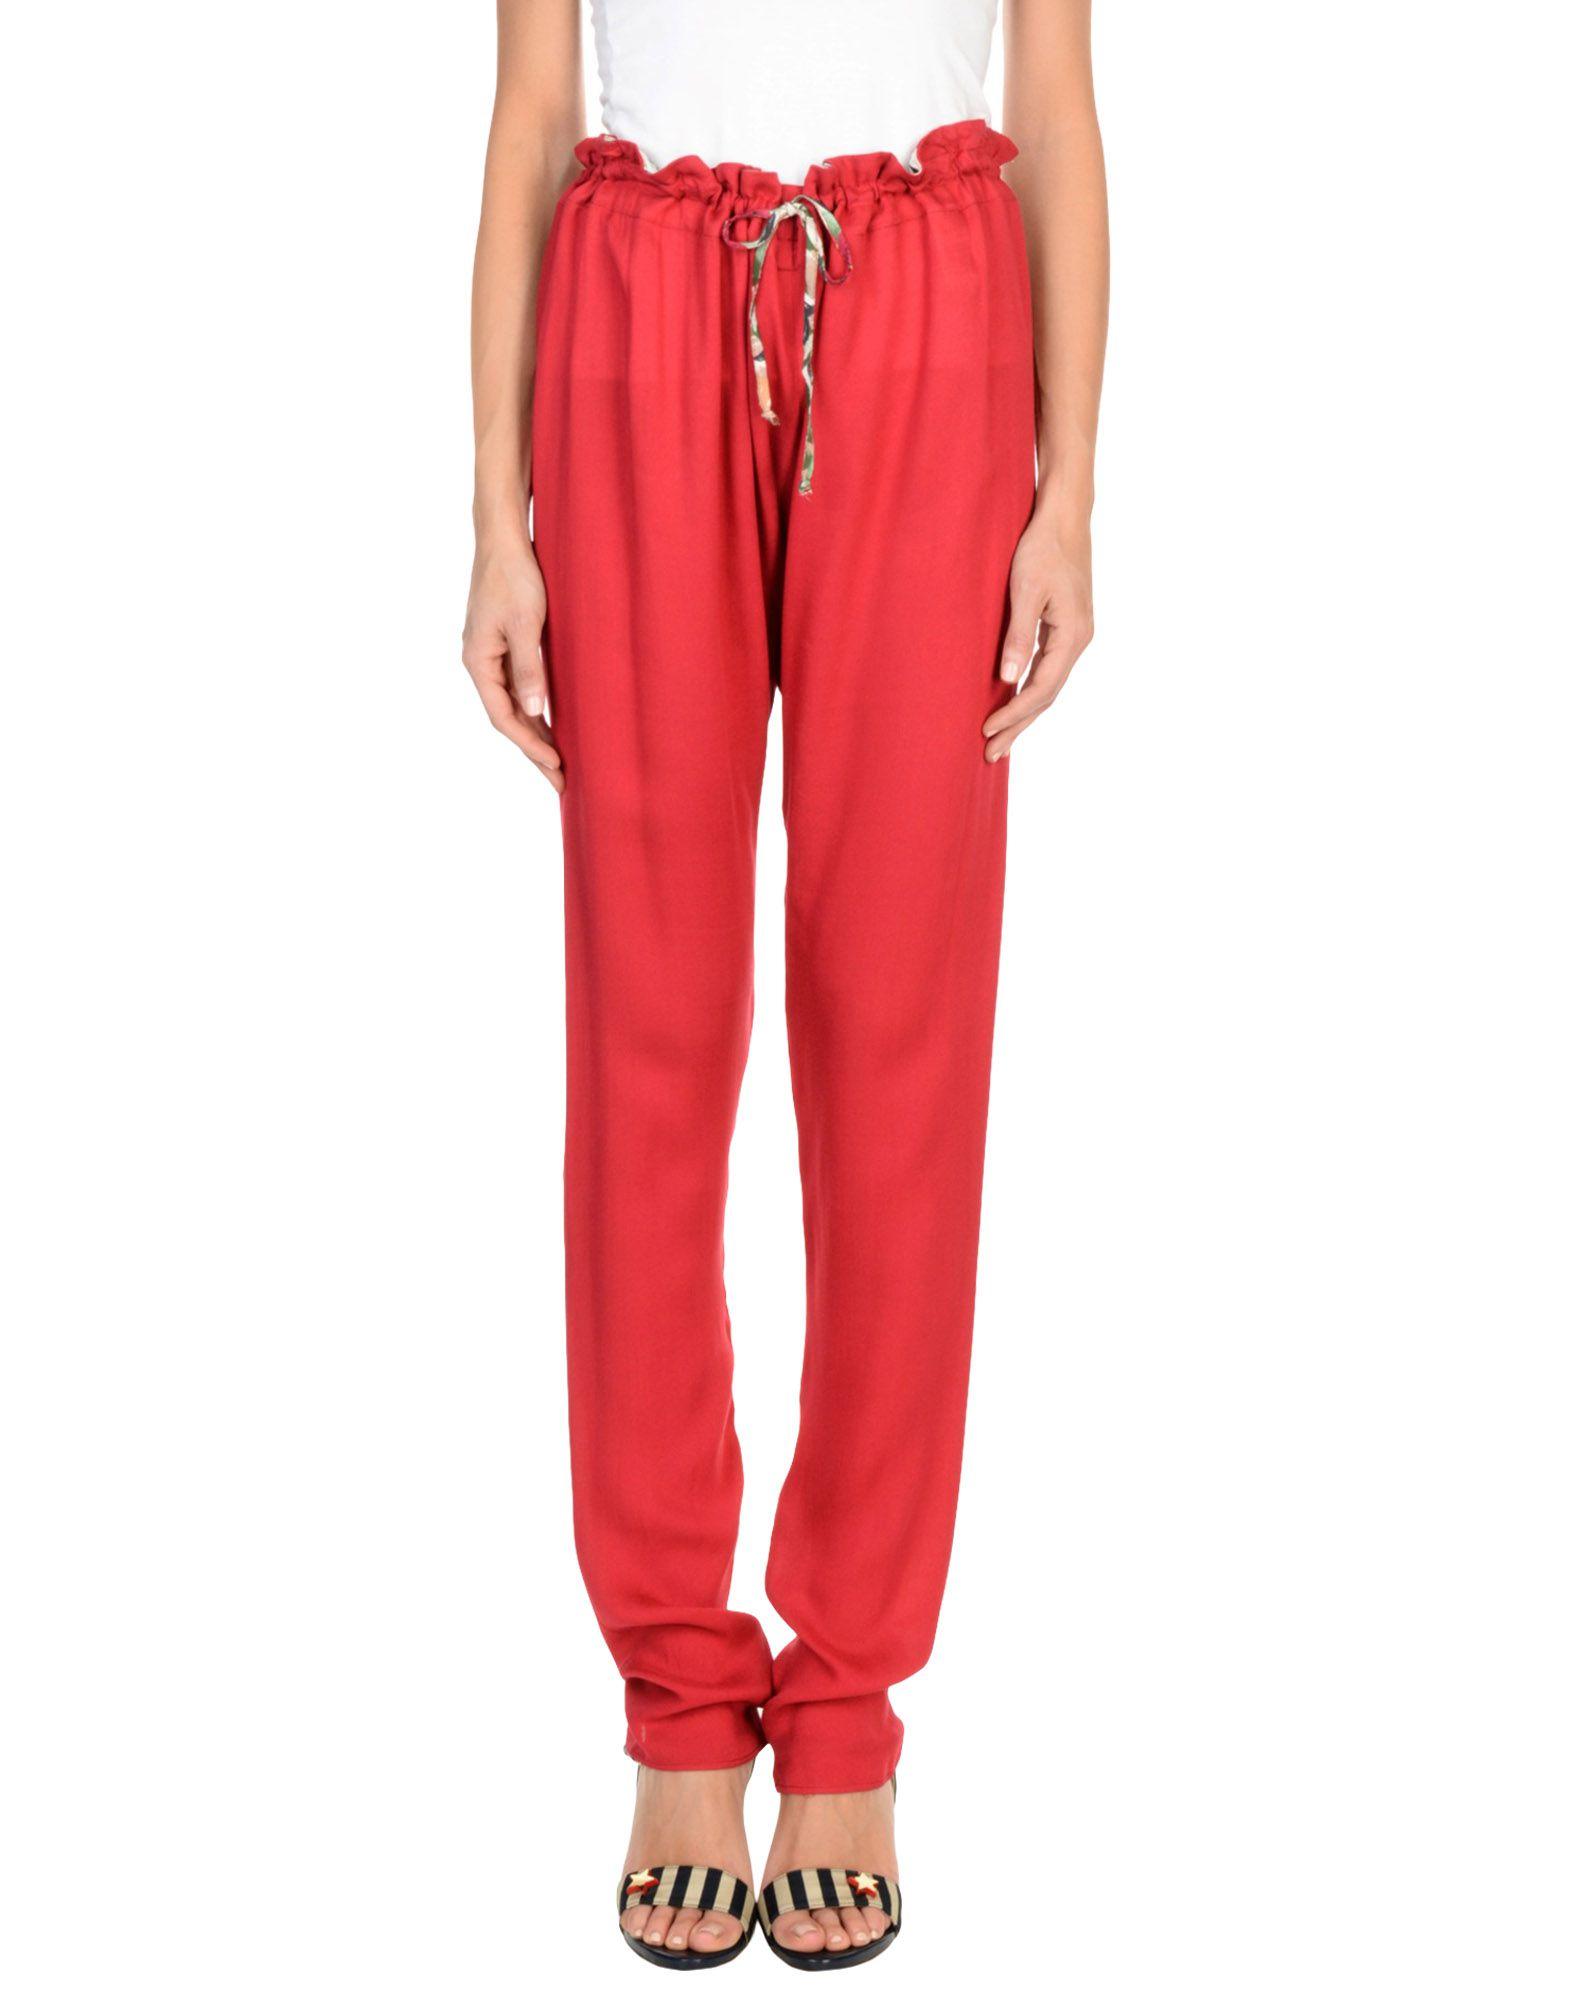 Pantalone Attic And Barn Donna - Acquista online su 07gOQLL